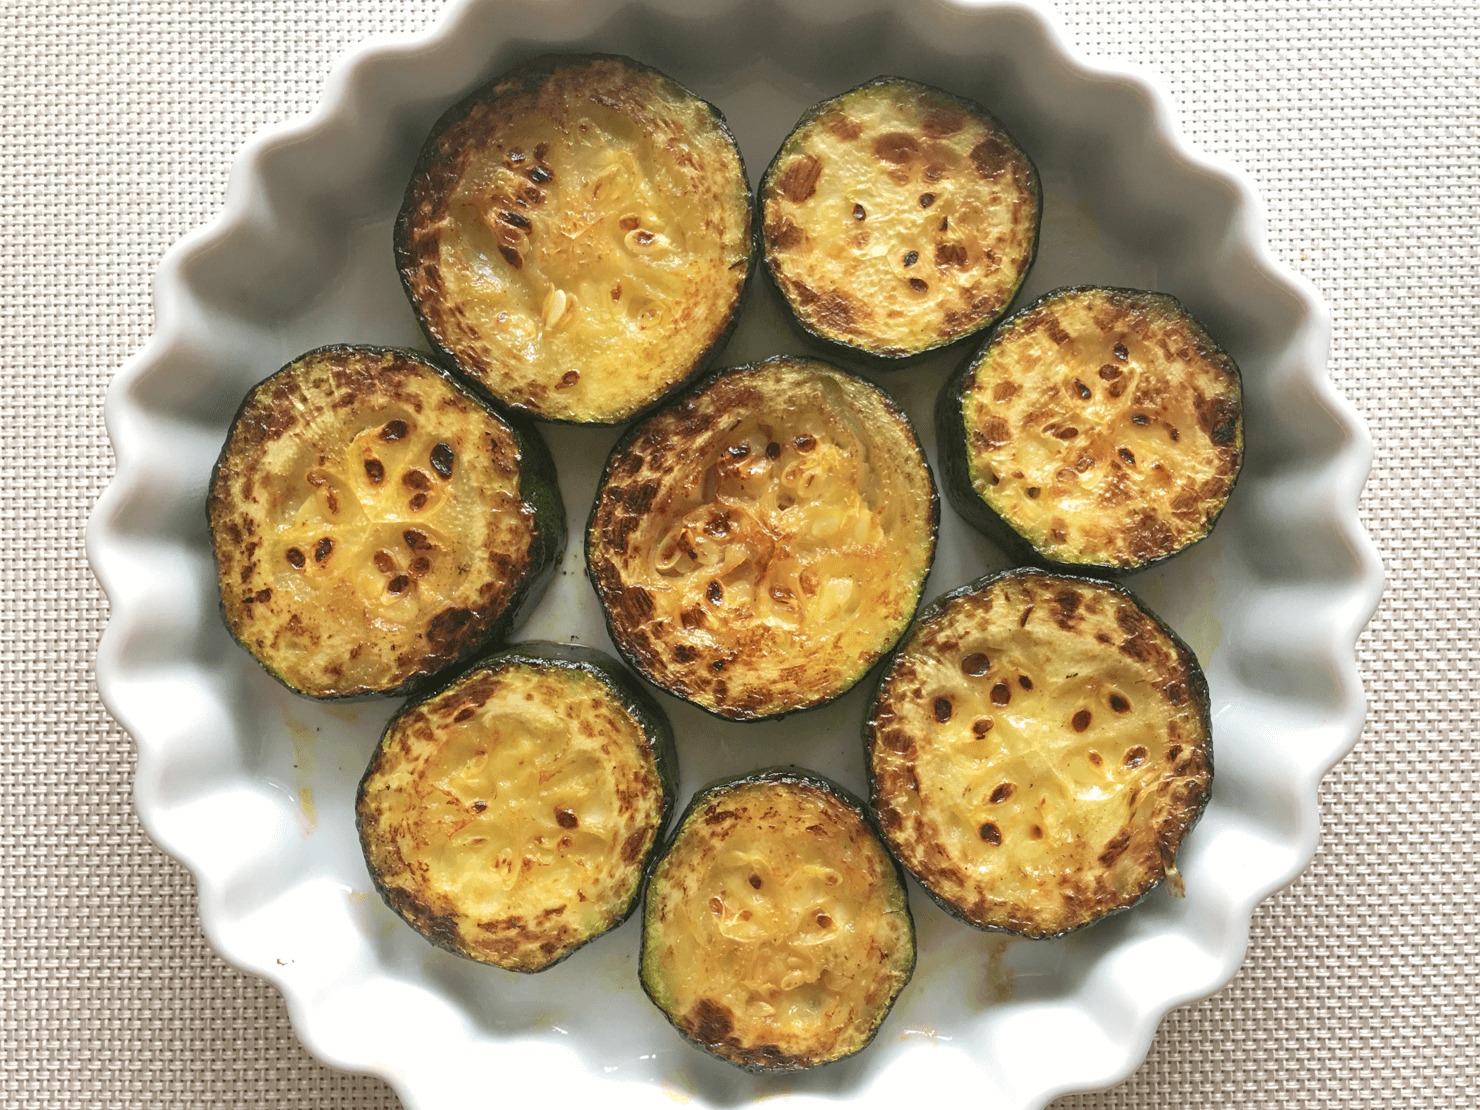 ズッキーニを耐熱皿に並べた写真